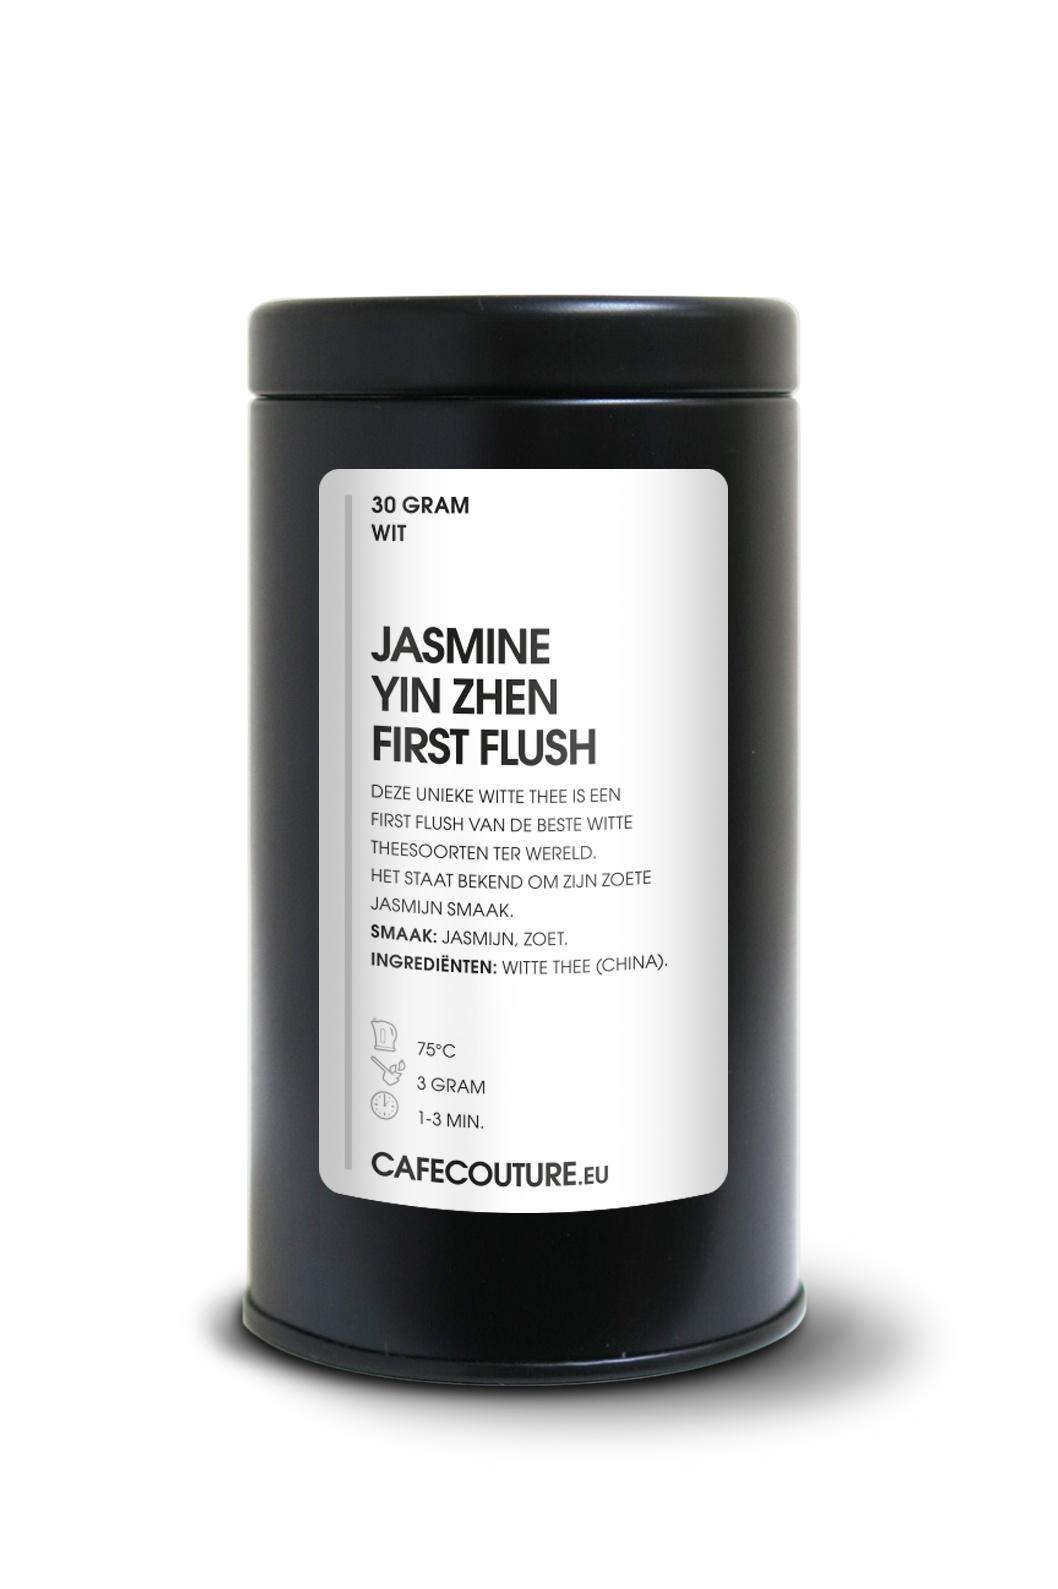 Jasmine Yin Zhen First Flush